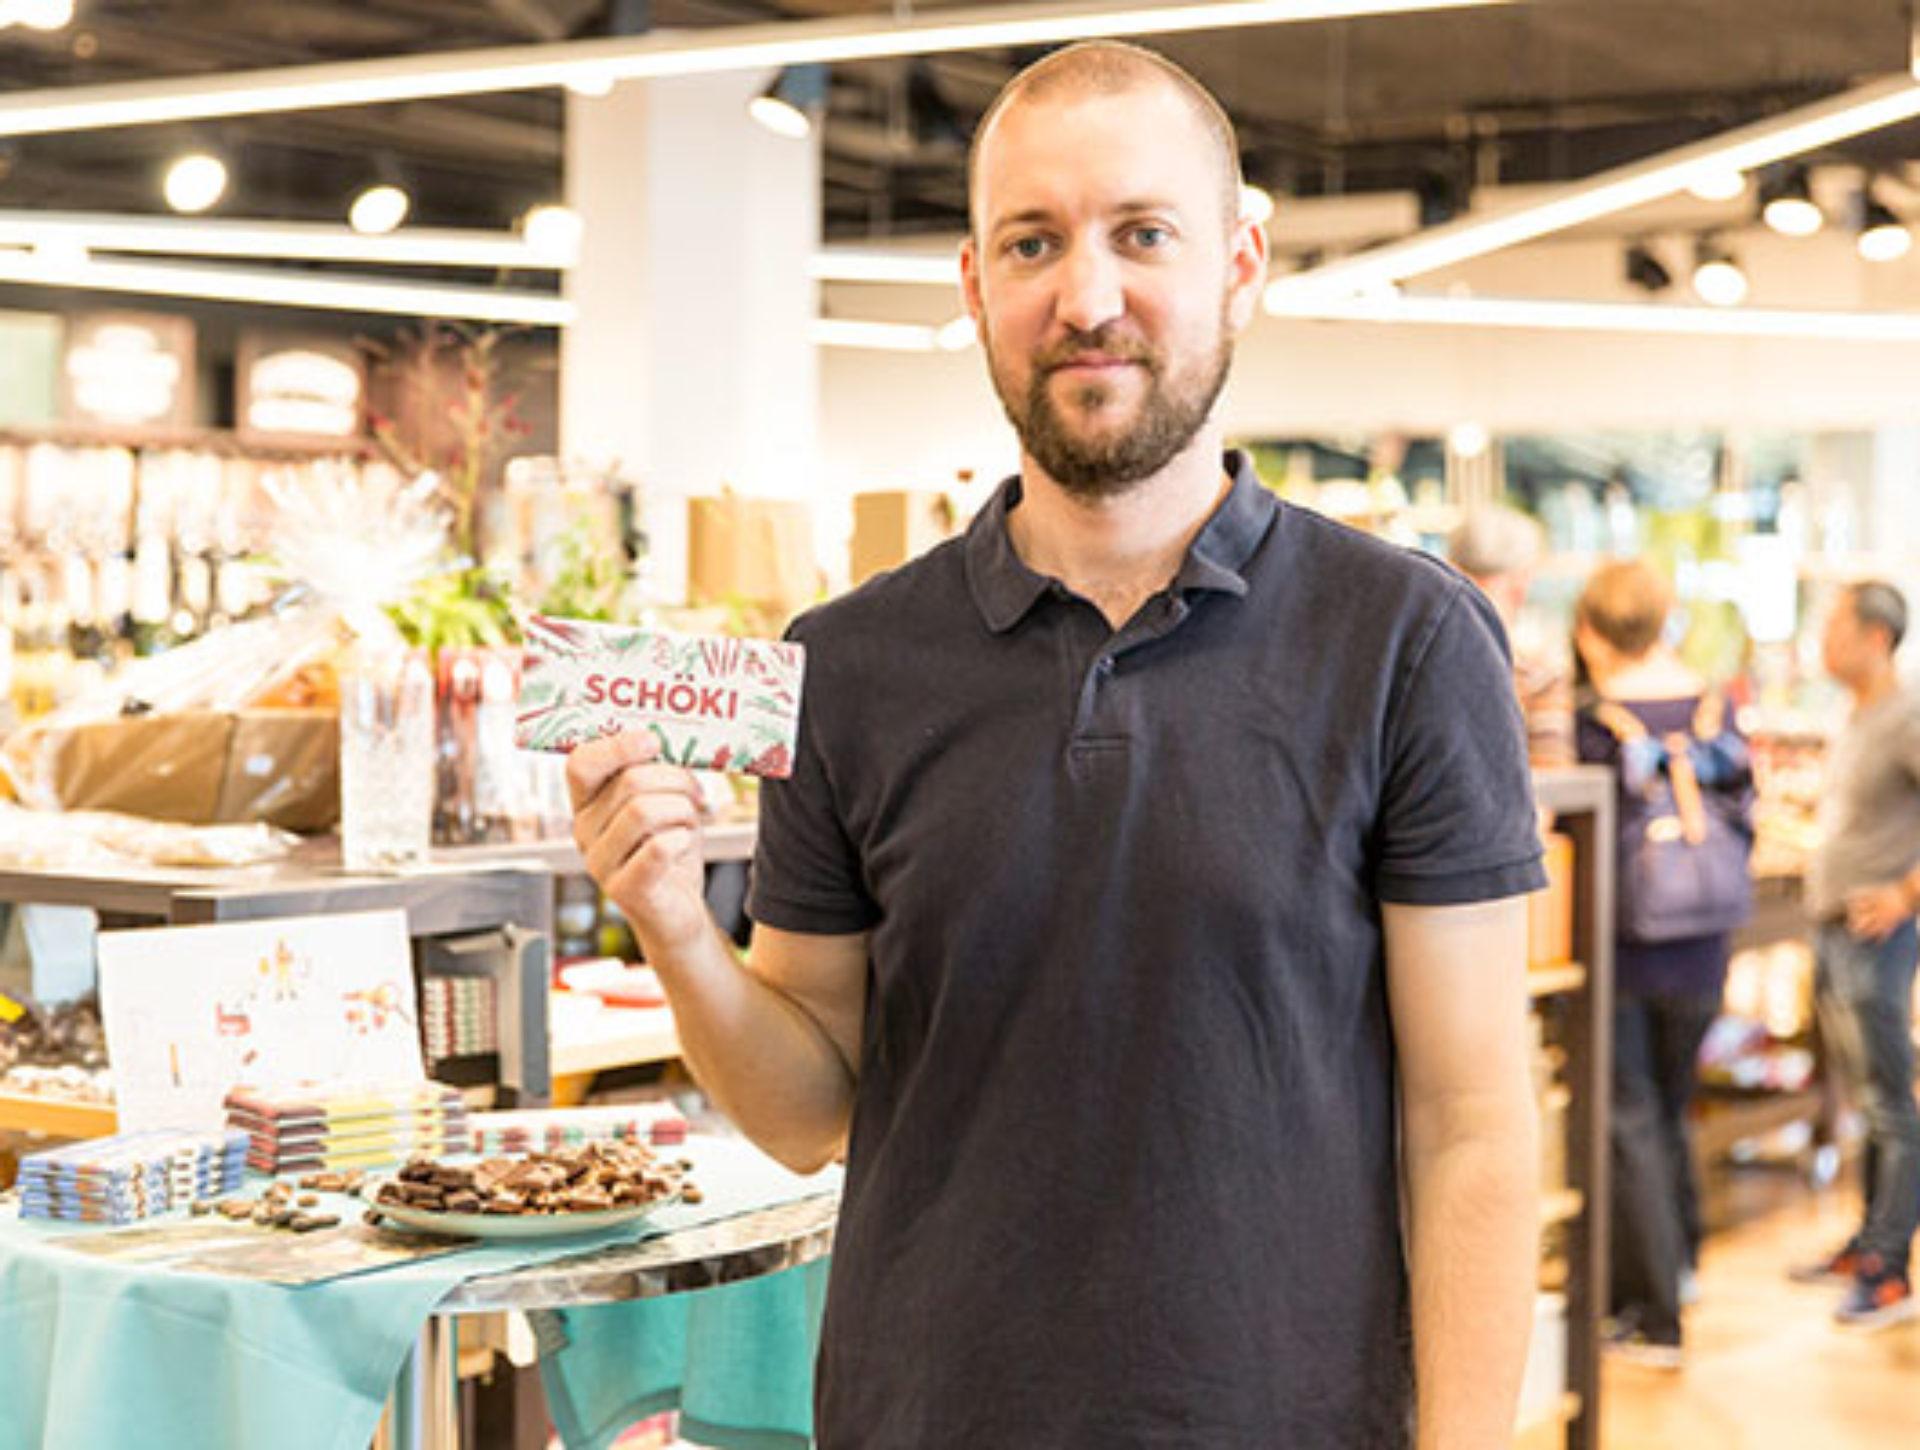 Florian Studer, Schöki «Der Quai4-Markt war unsere erste Verkaufsstation und hat unsere Innovation für fair produzierte Schoggi unterstützt, der richtige Ort für uns!»